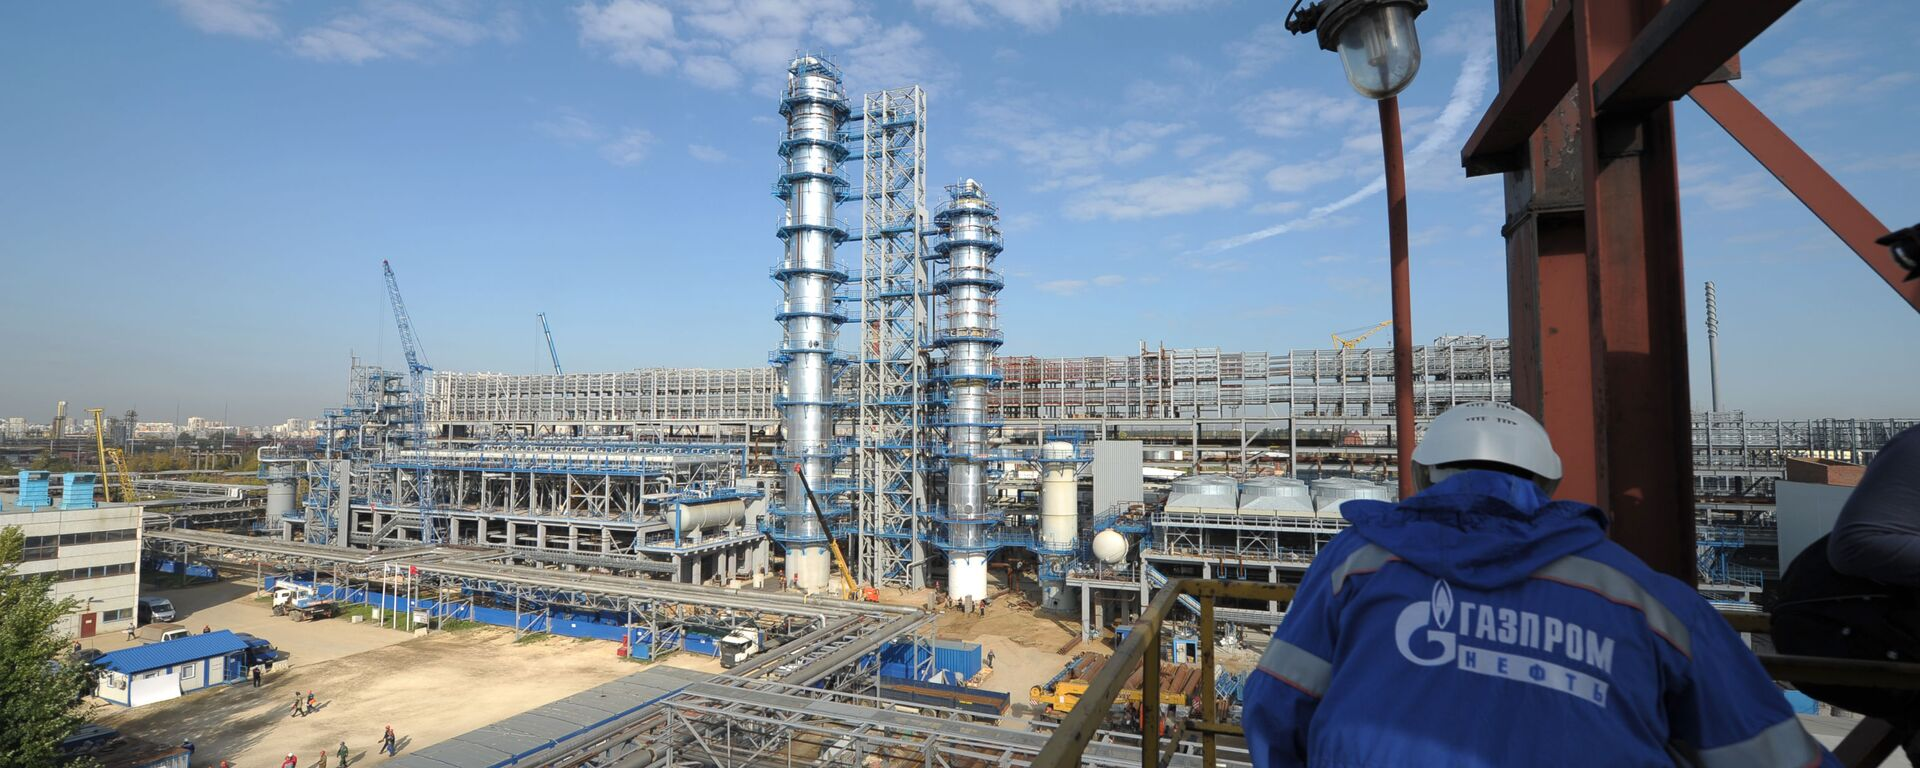 Rafineria koncernu Gazprom Nieft w Moskwie - Sputnik Polska, 1920, 07.10.2021